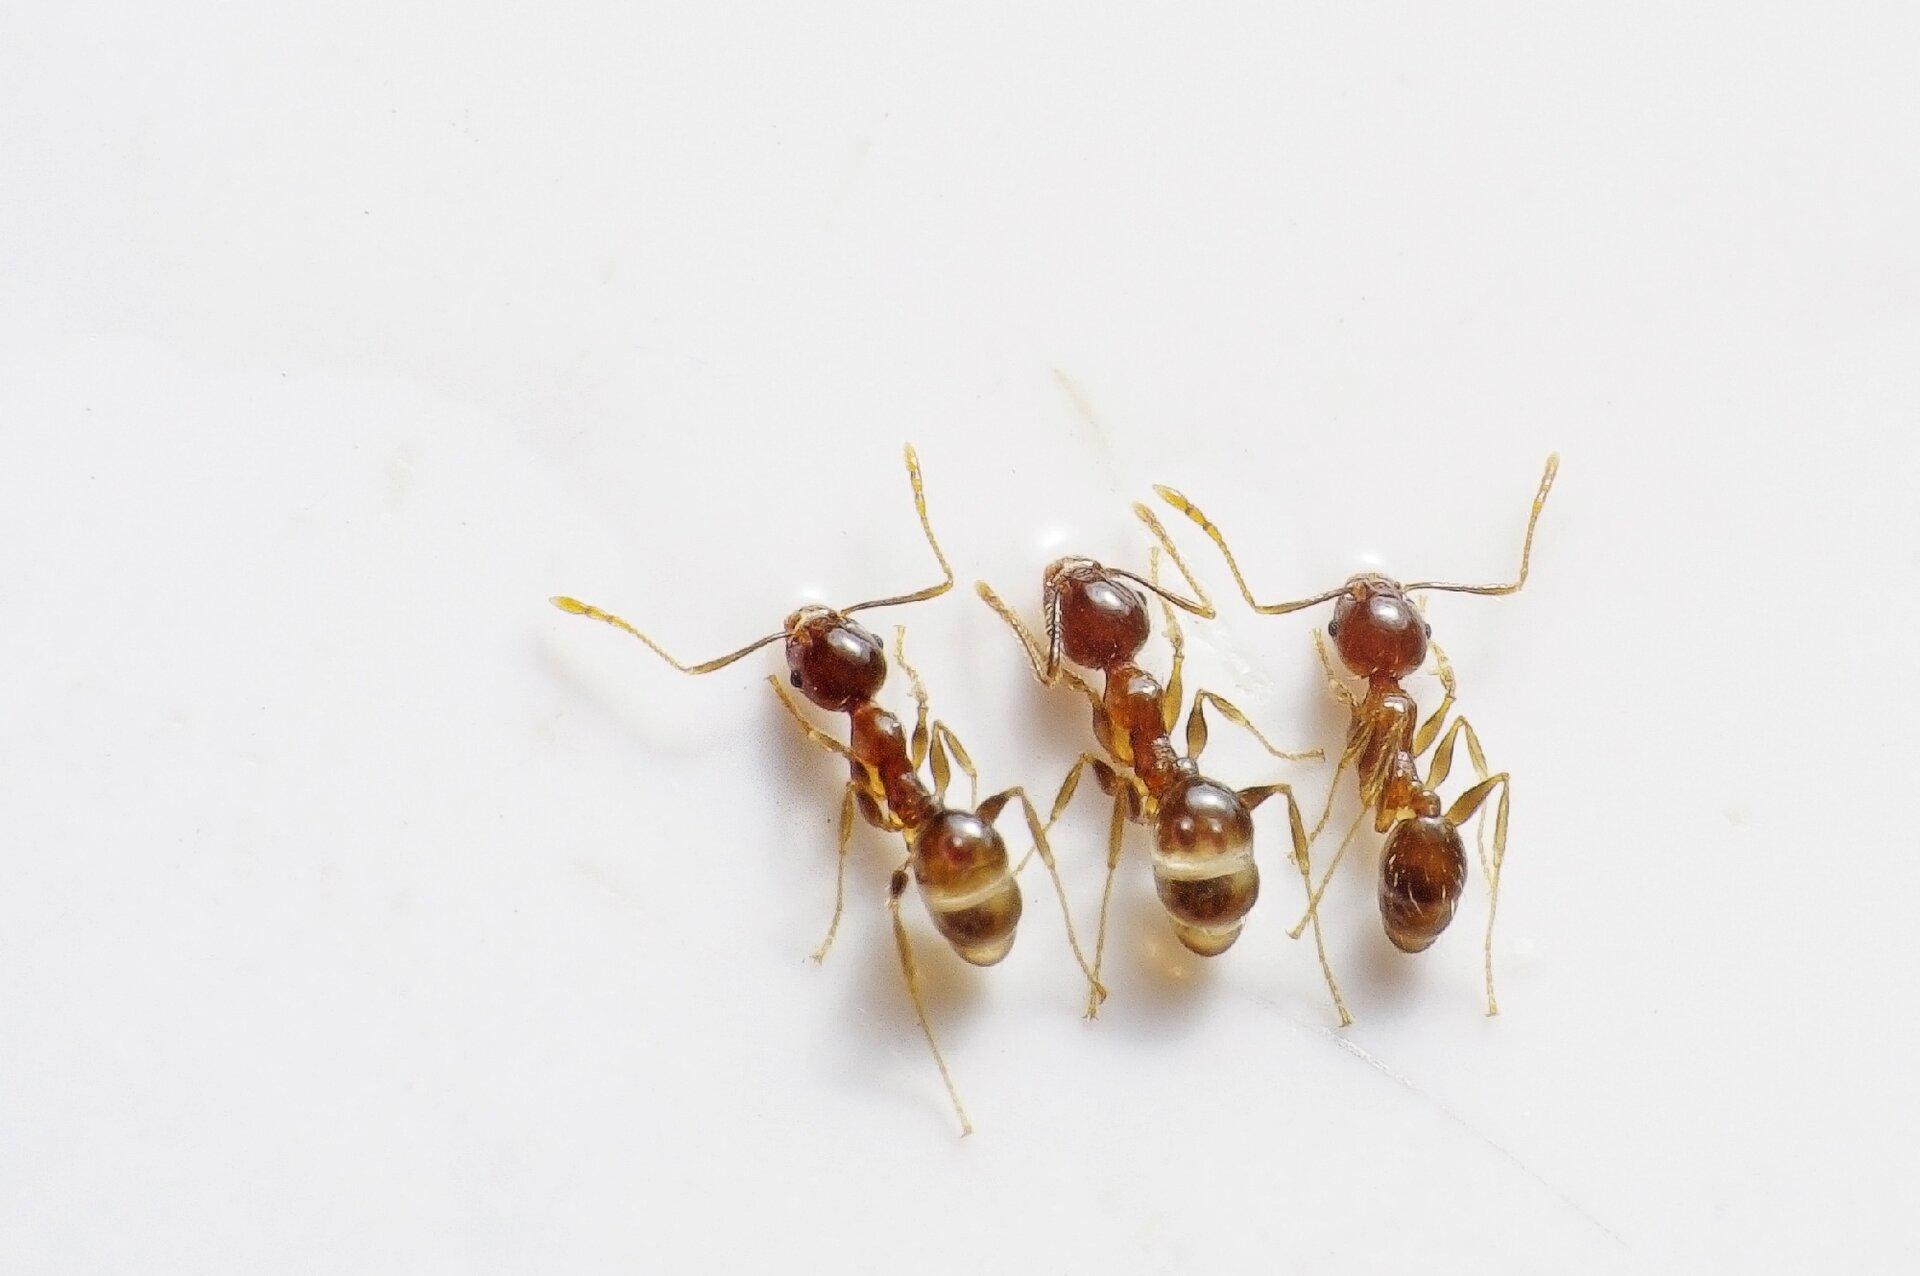 Kwas mrówkowy występuje wjadzie mrówek